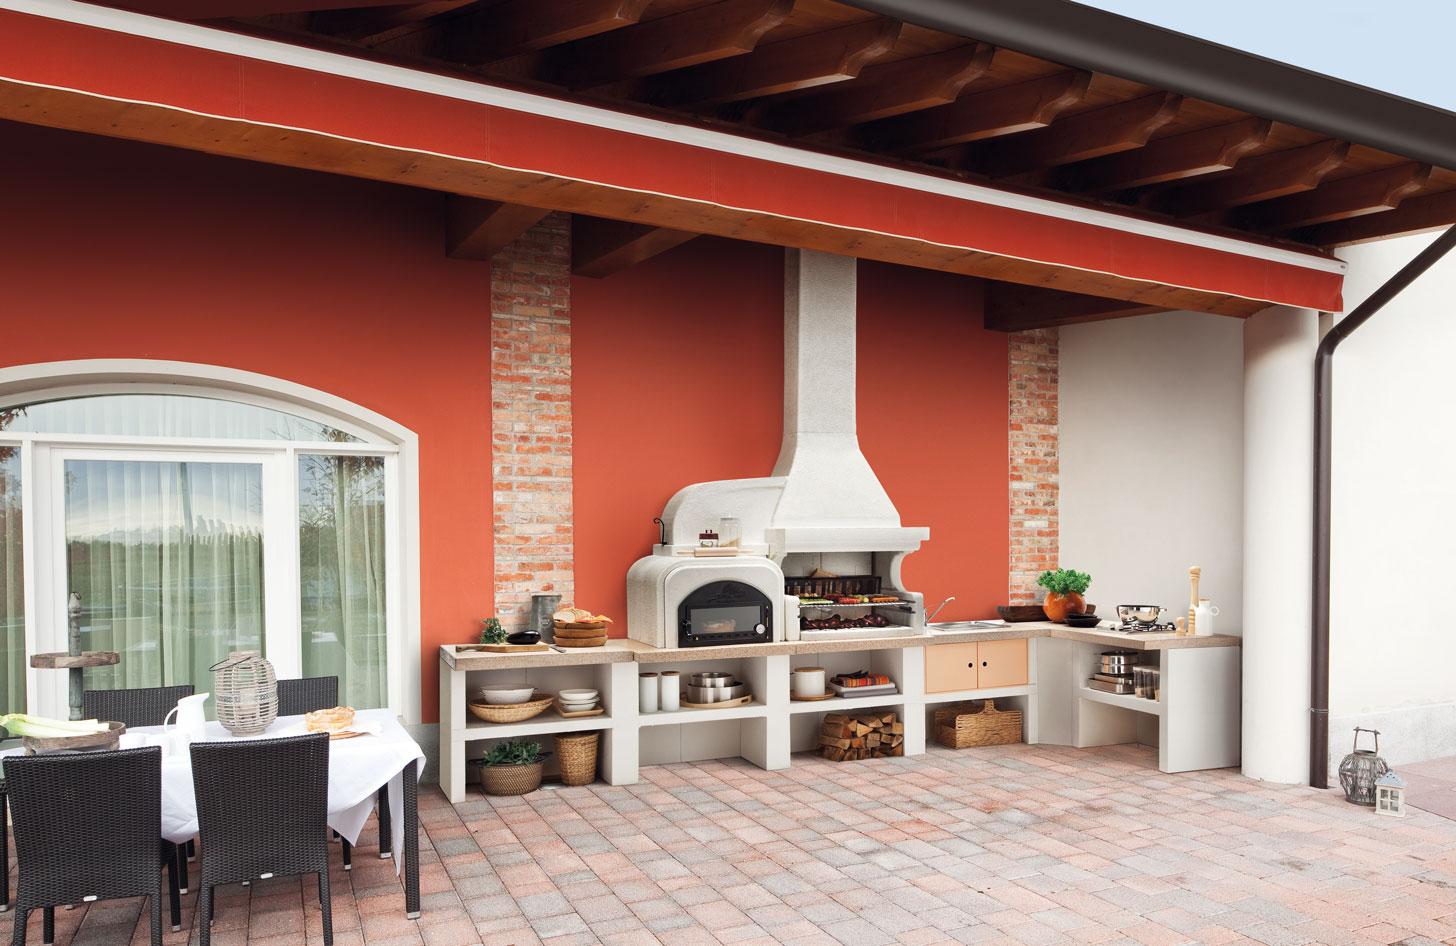 Cucine da esterno piani cottura barbecue e arredi per - Cucine sospese da terra ...